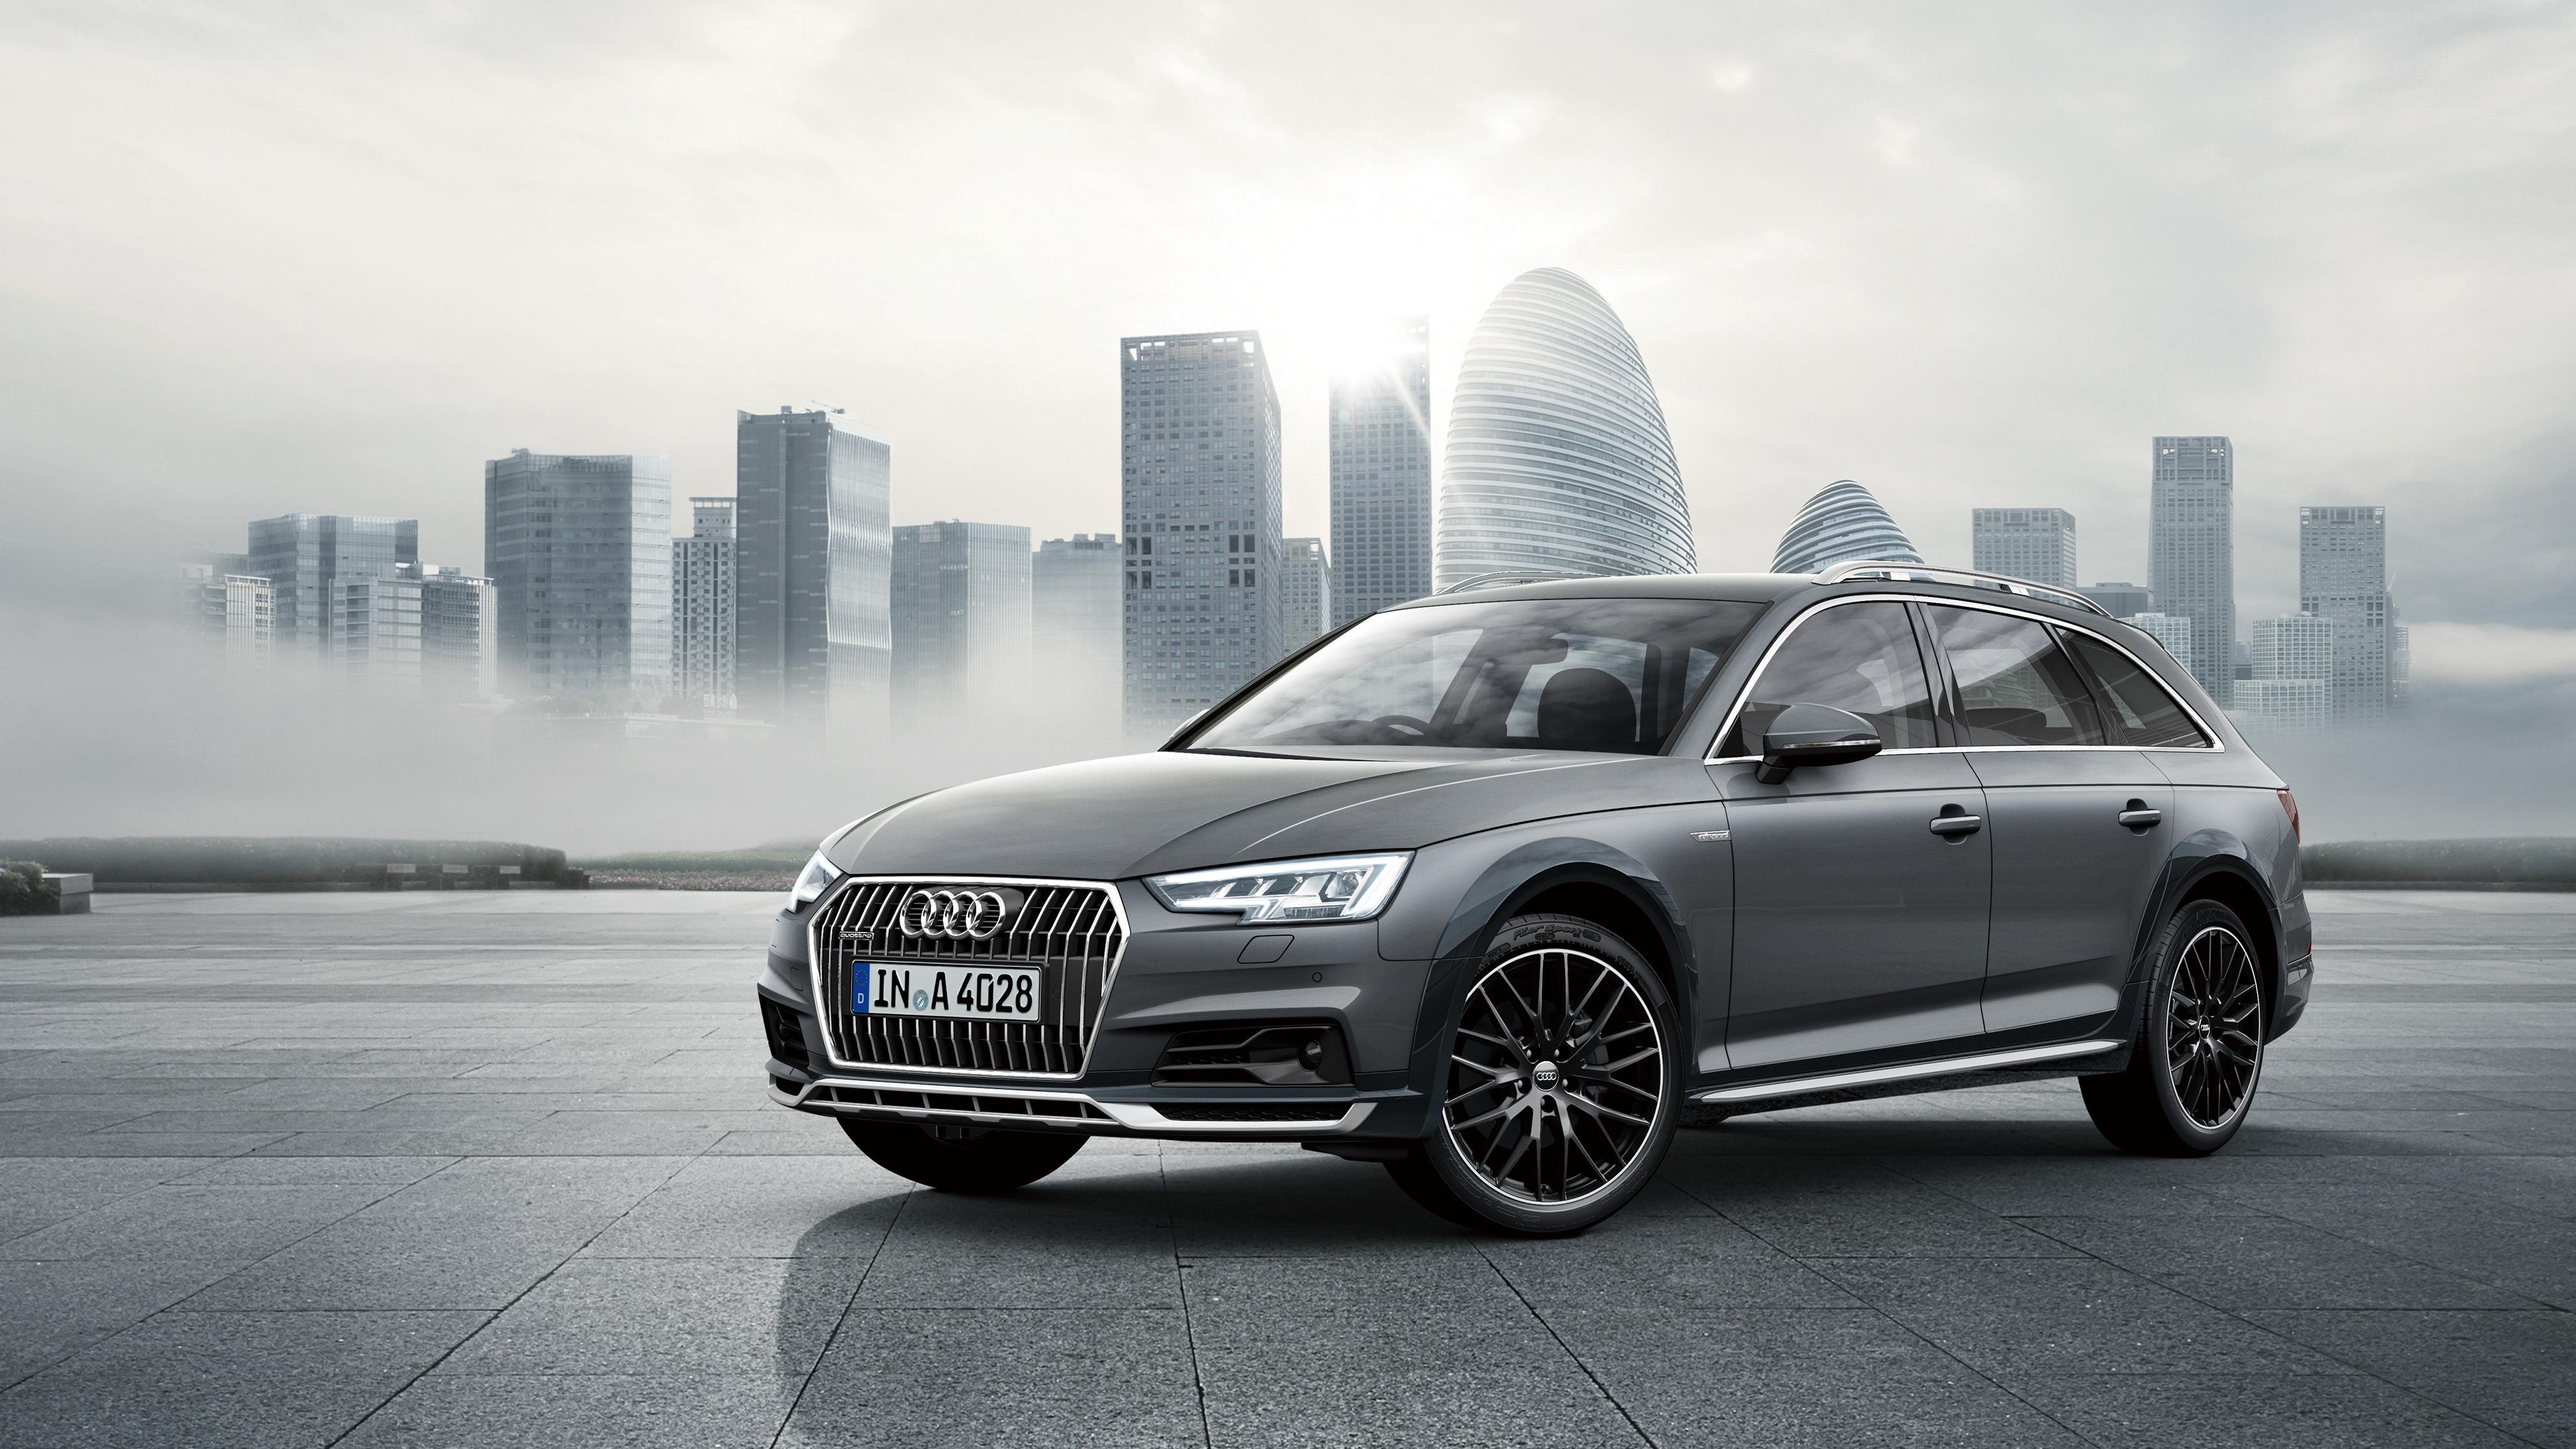 Kekurangan Audi Allroad 2018 Top Model Tahun Ini